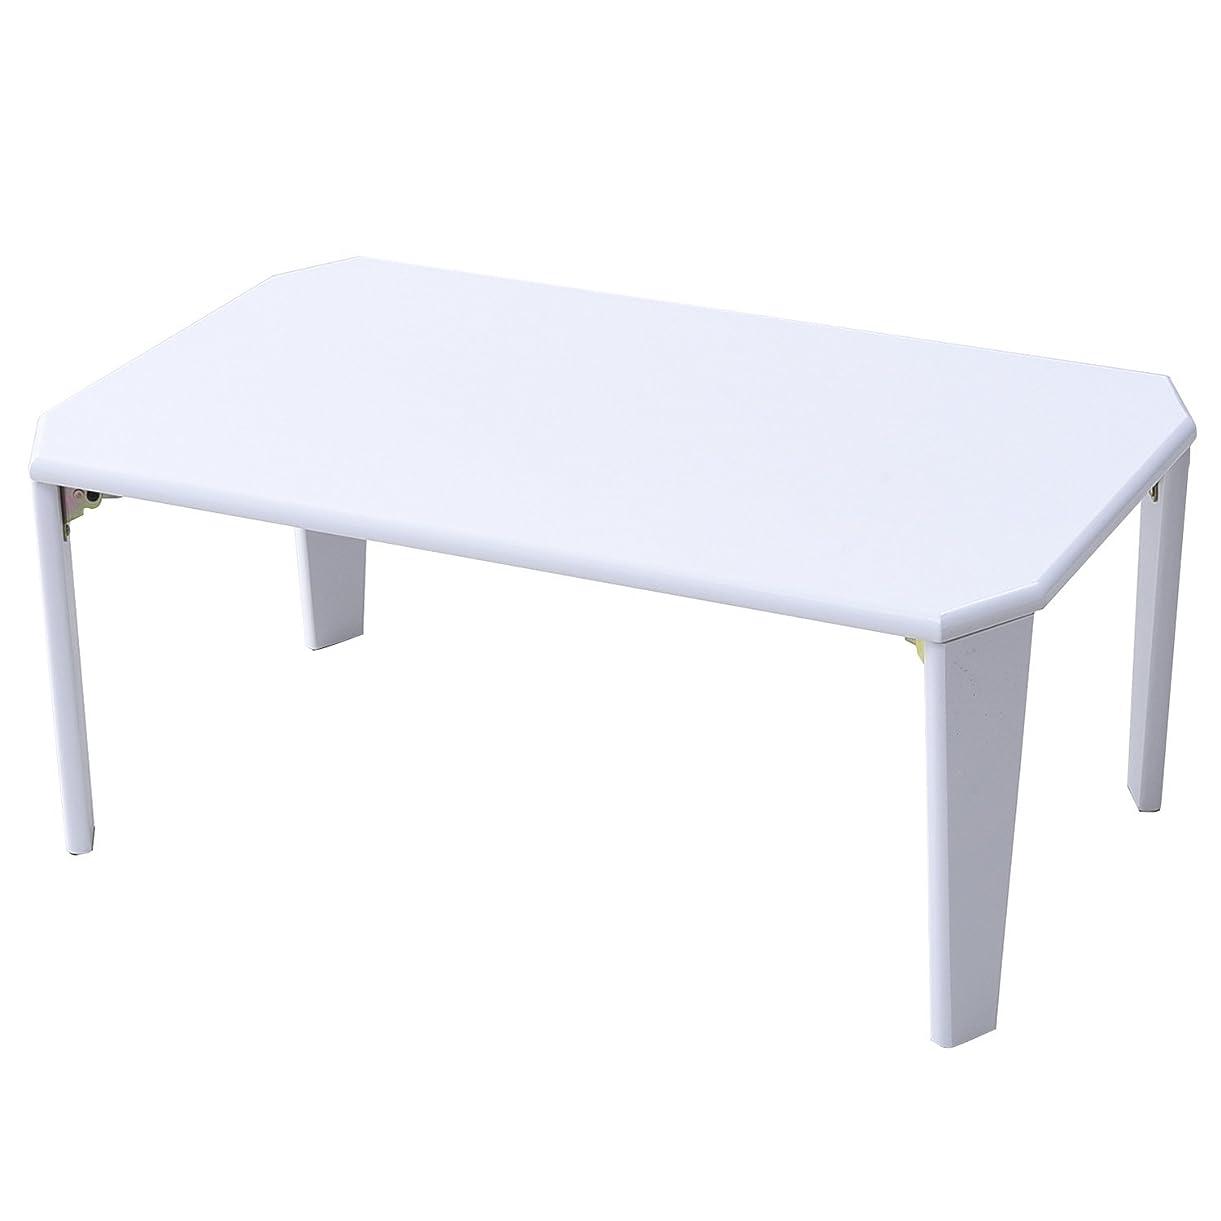 風変わりな価格銀河山善(YAMAZEN)?ローテーブル 75×50 ホワイト 折れ脚 完成品 簡単仕様?TWL-7550(WH)